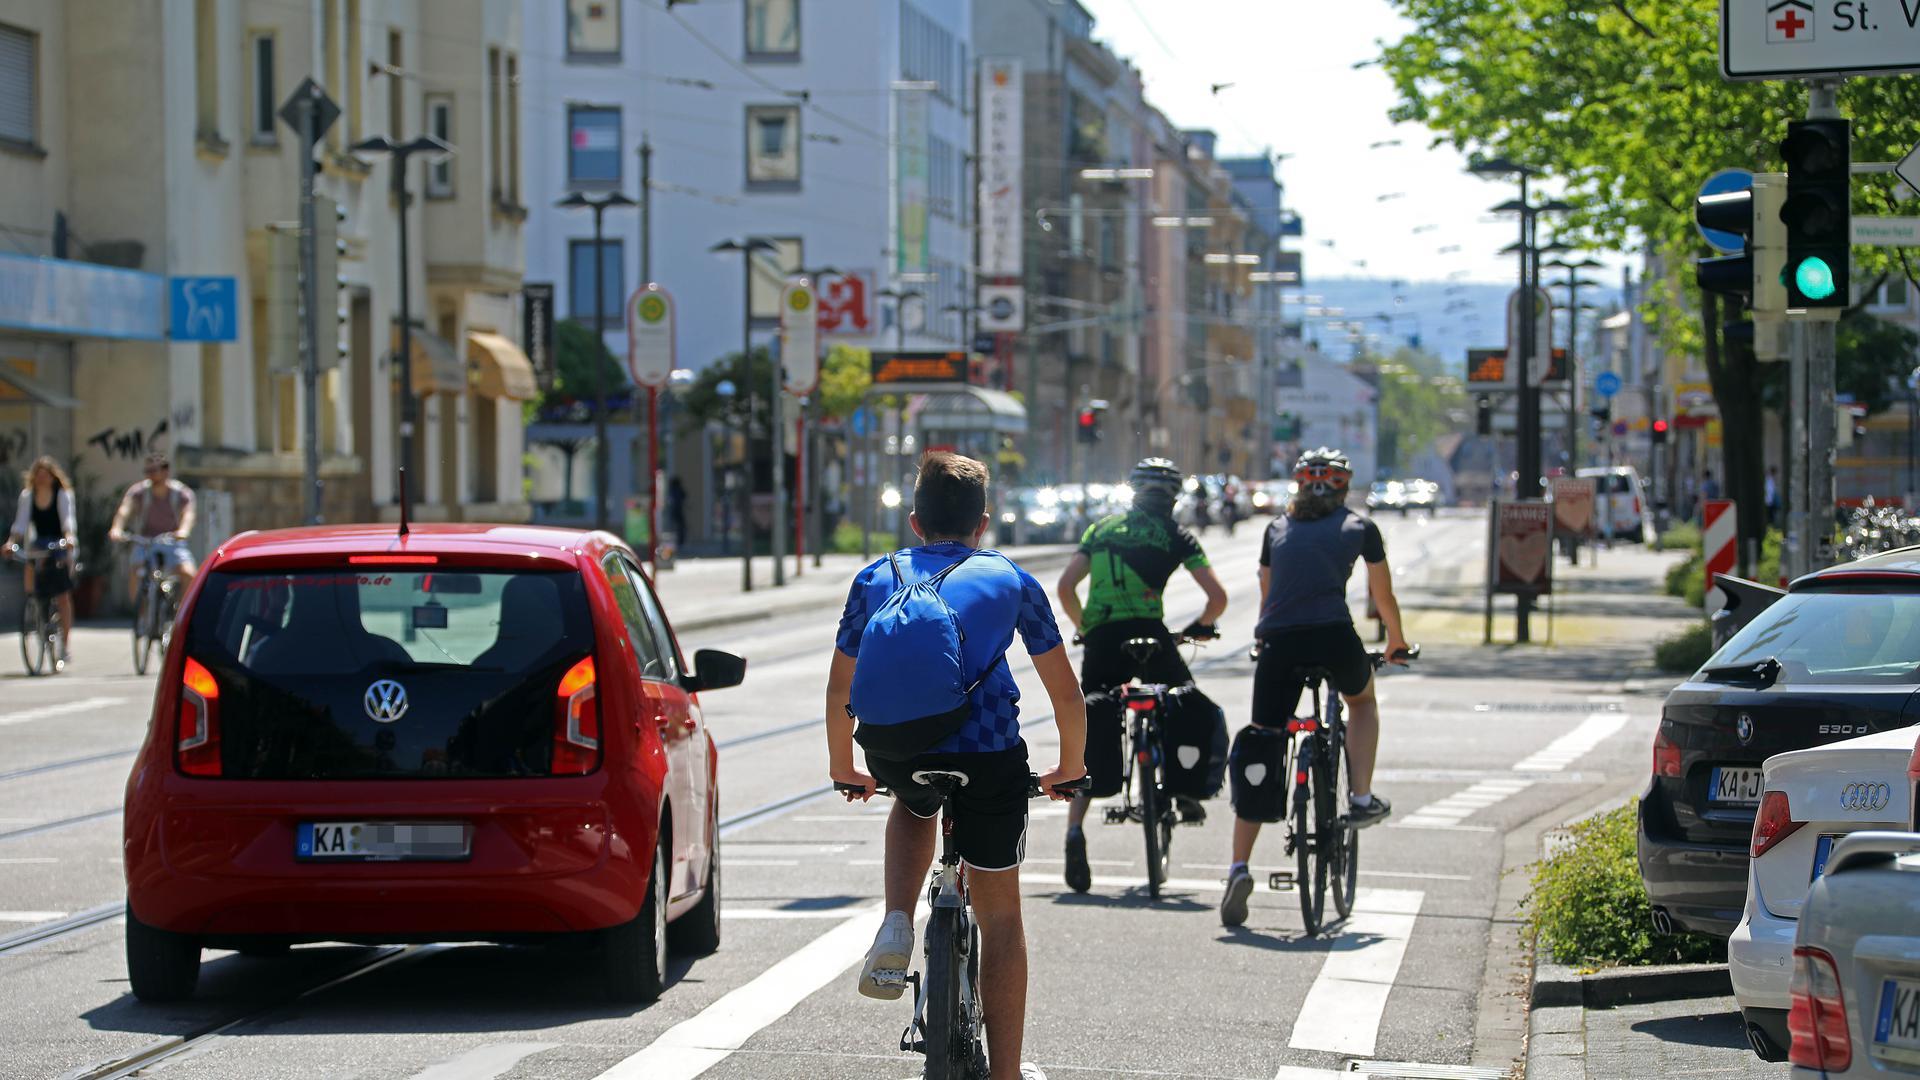 Lobbyarbeit für Radfahrer: Der Karlsruher ADFC ist auch für den Landesverband in Stuttgart wichtig. Von dort kommt Unterstützung in der aktuellen Krise.